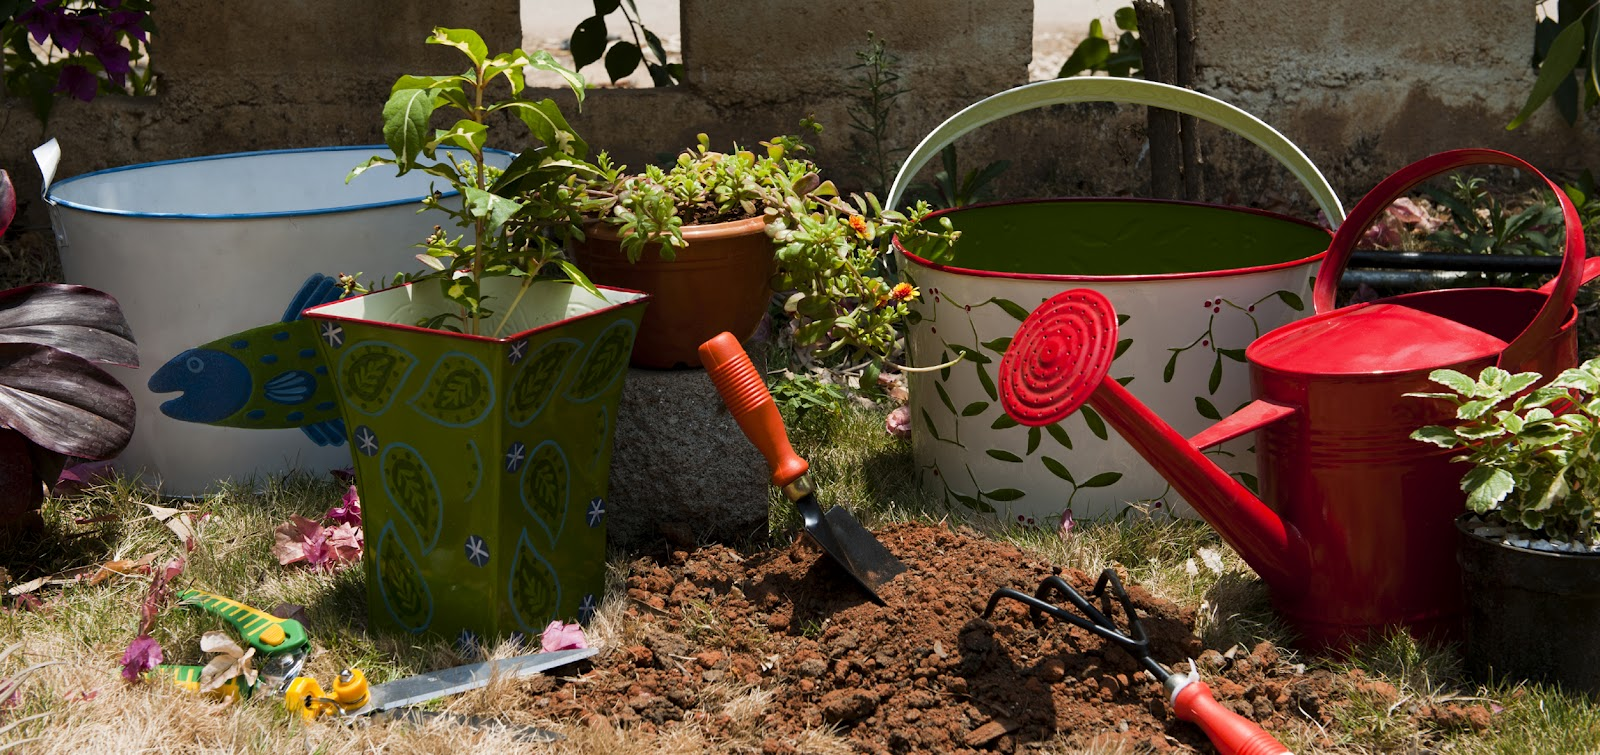 Chic Gardening Accessories!! - Allwhatshewants